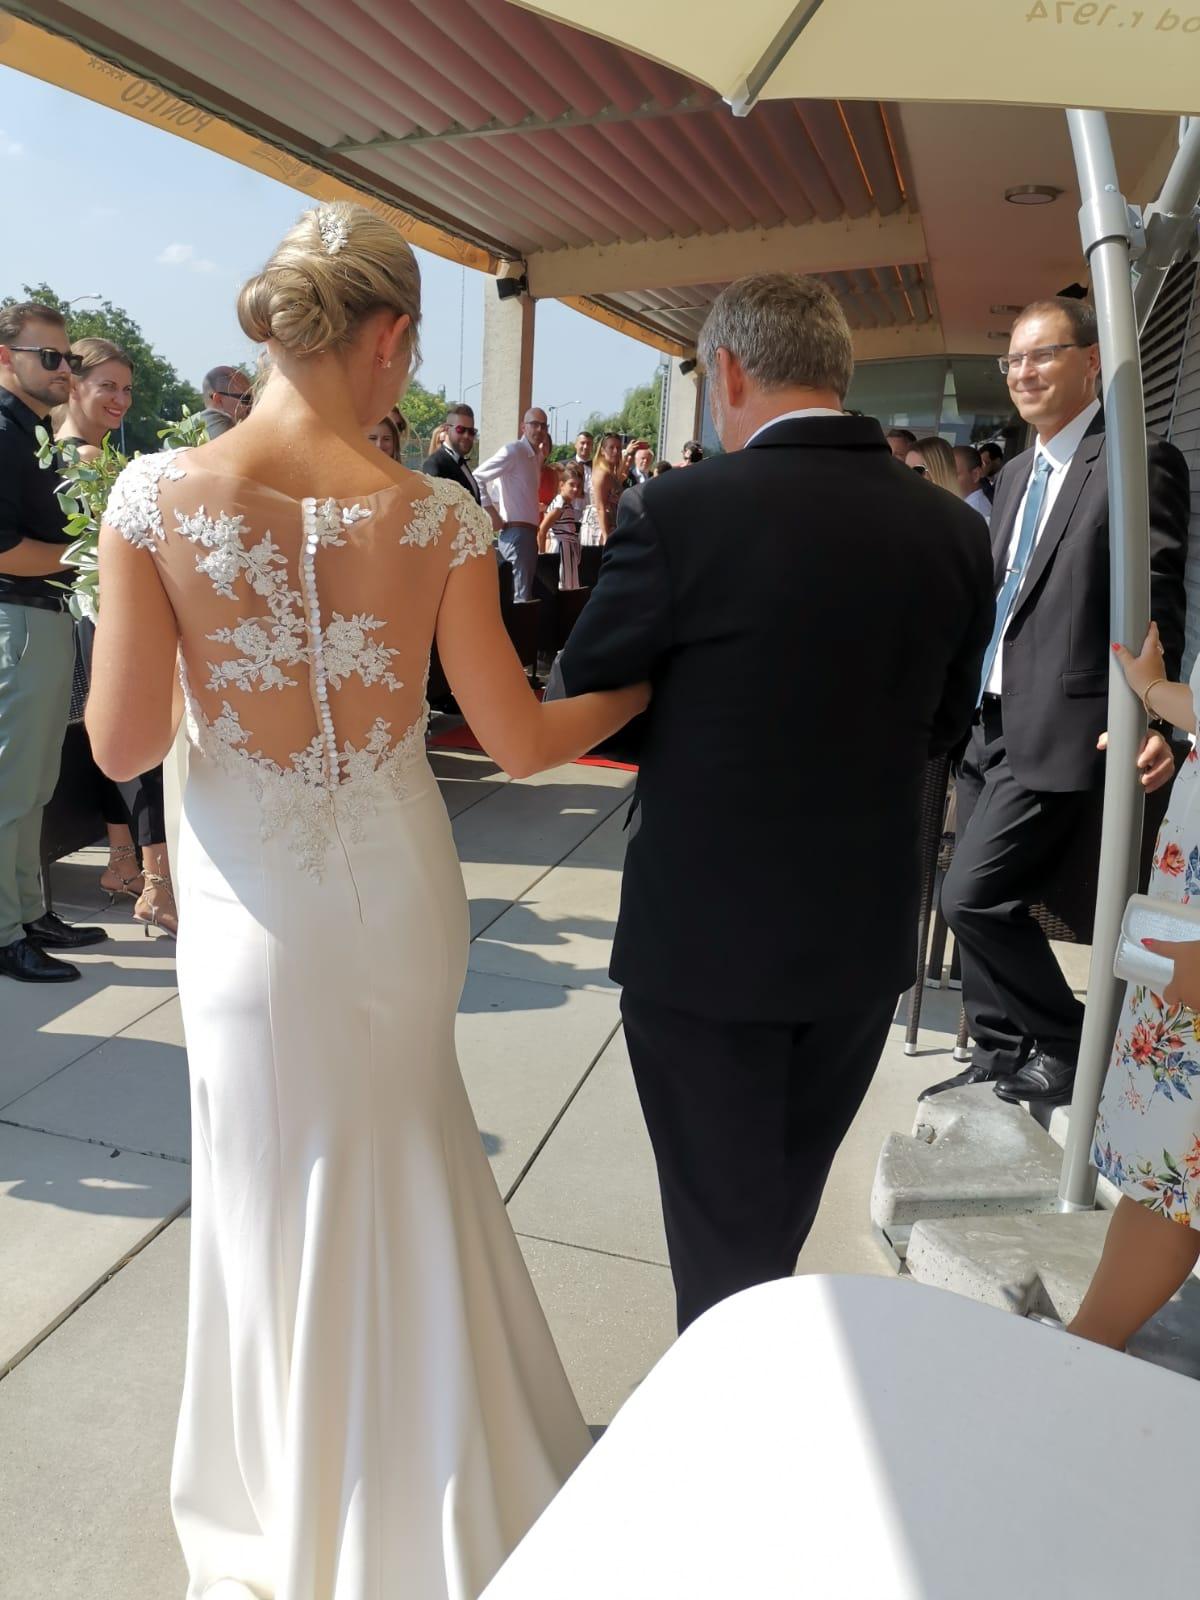 Puzdrove svadobne saty - Obrázok č. 1